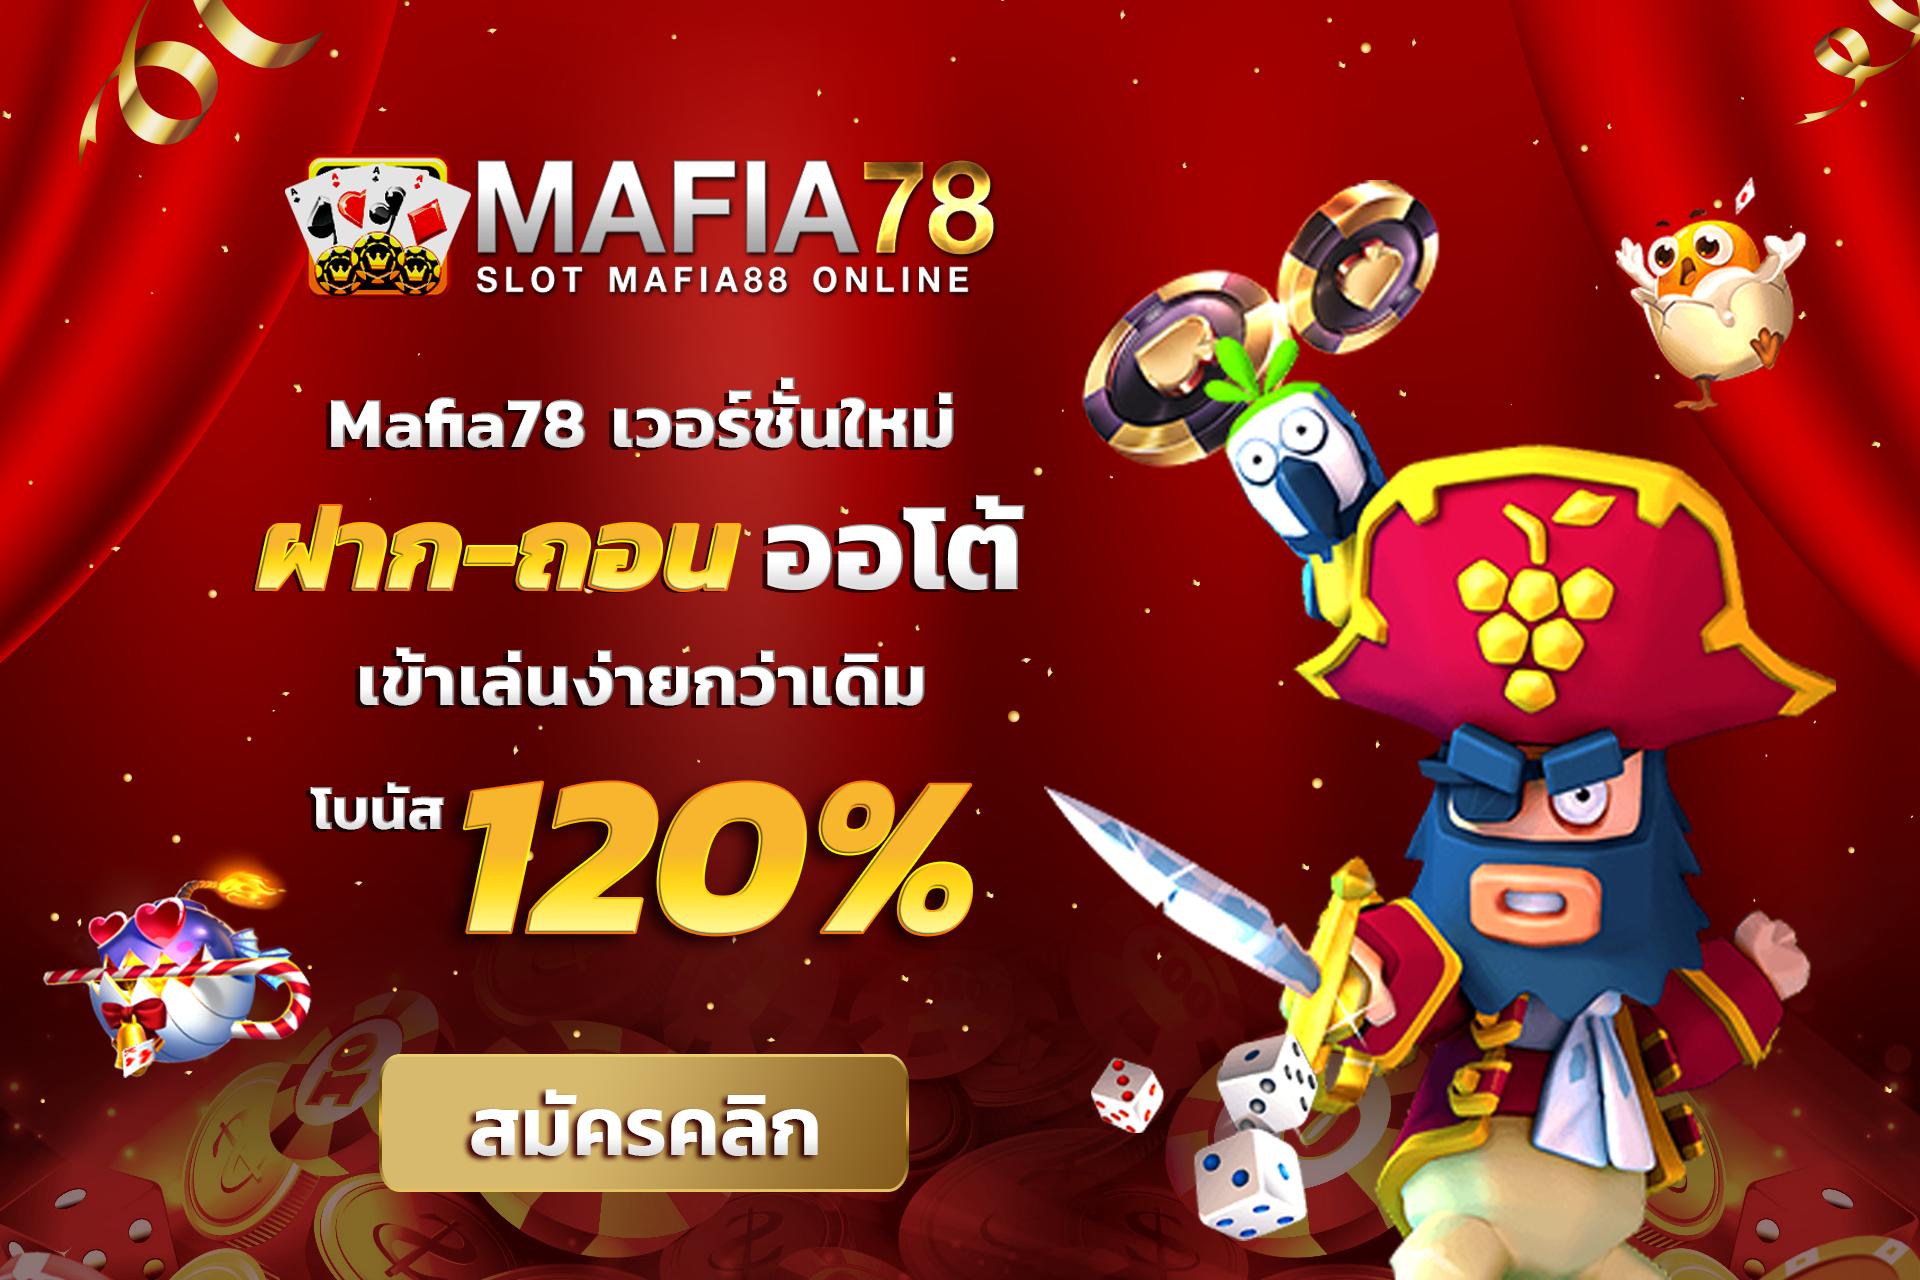 Mafia78